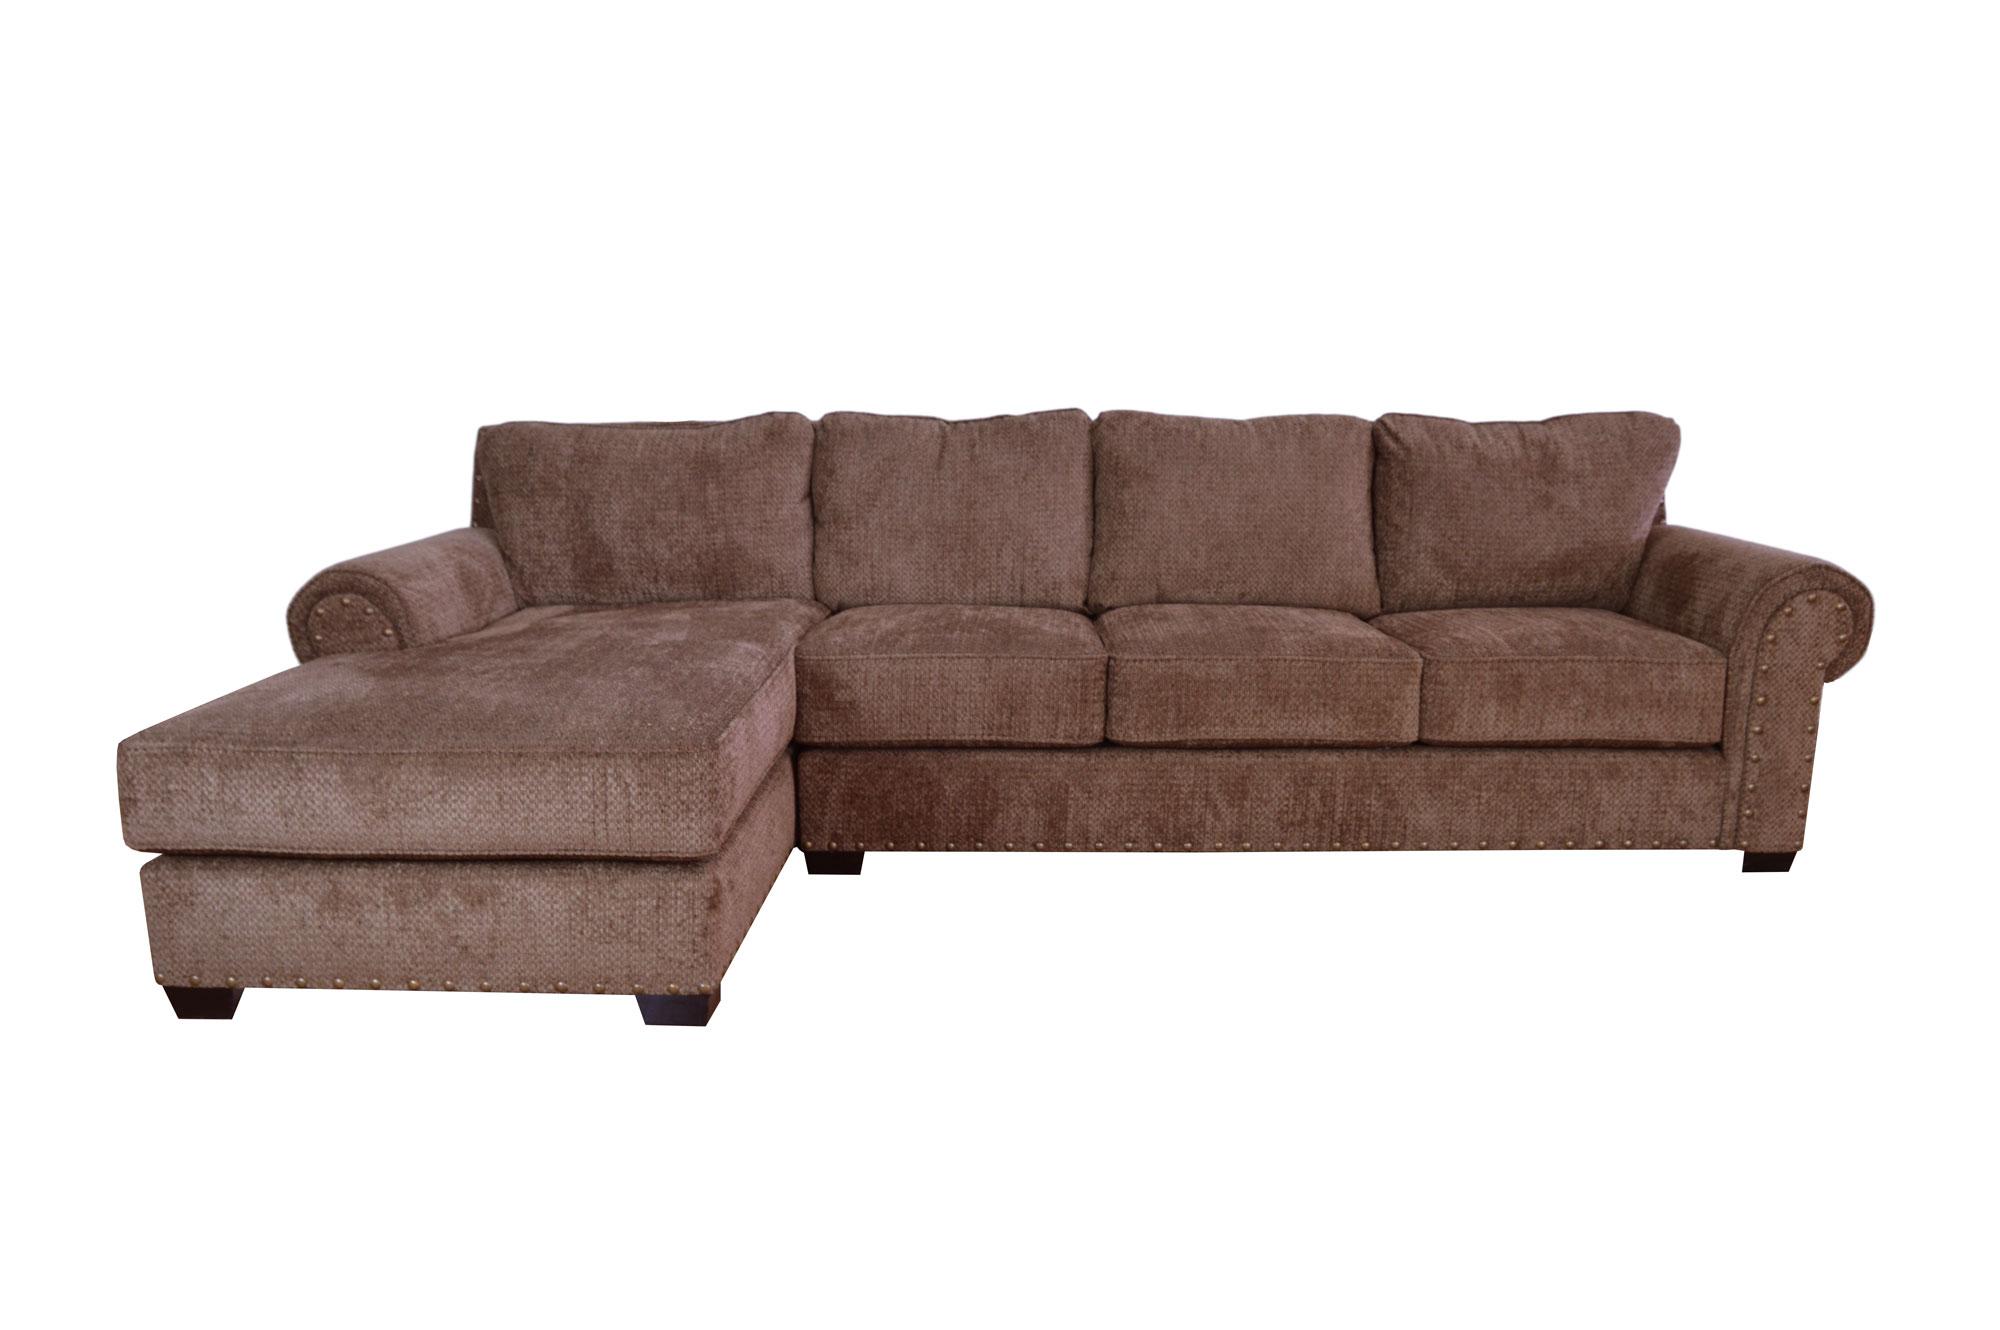 sofas for less preston sofa reviews 4 custom 49 photos